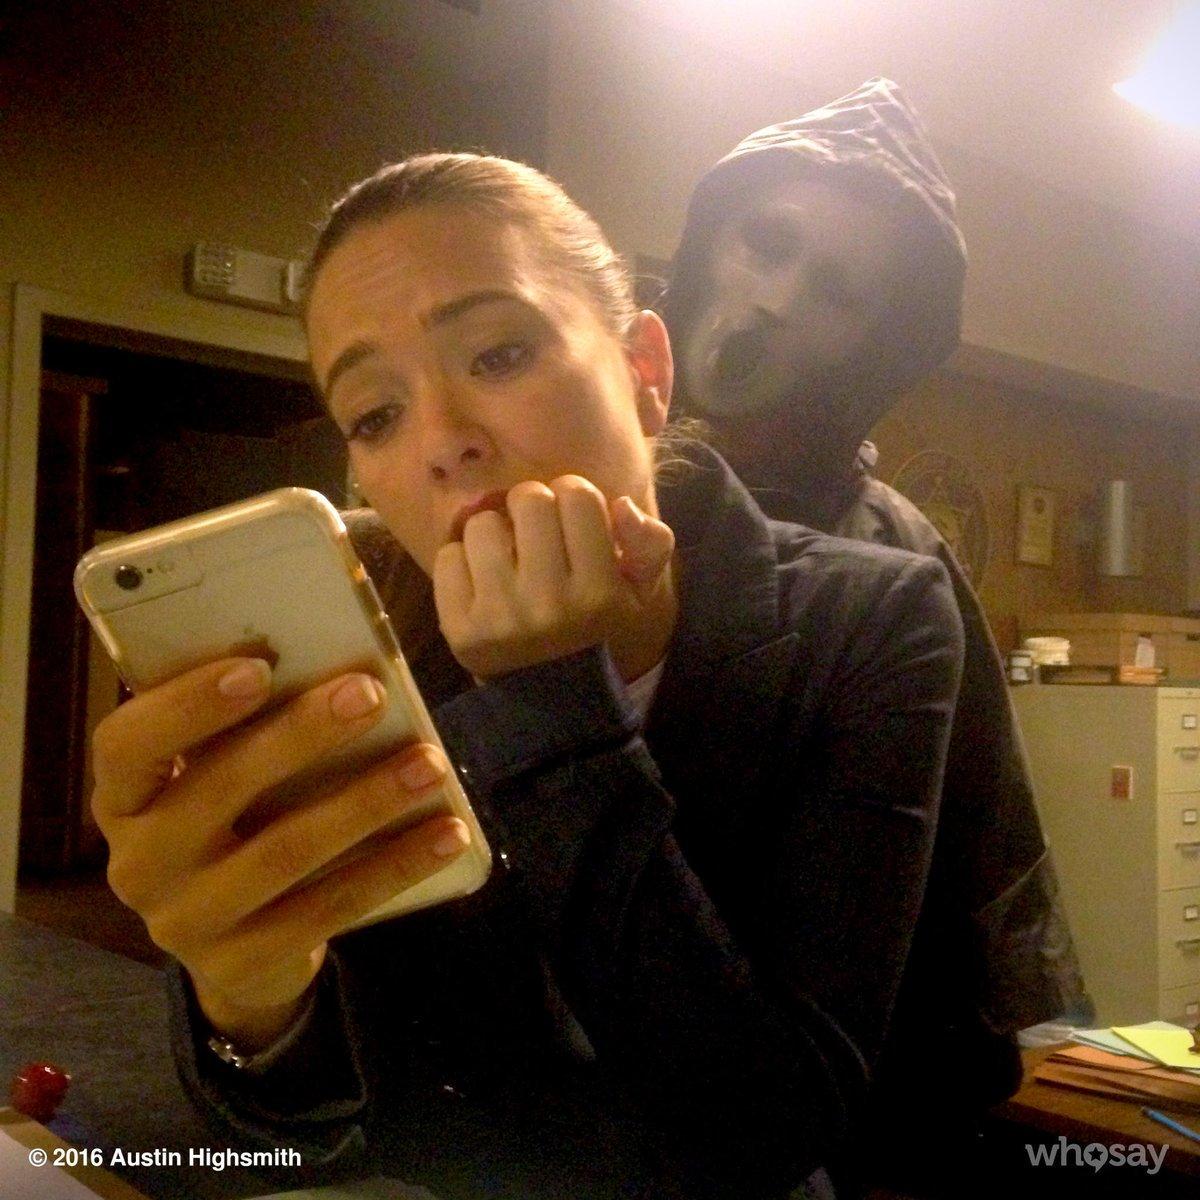 Scream Temporada 2 : Noticias,Fotos y Promos - Página 7 CnQBBO0WAAAf6bU